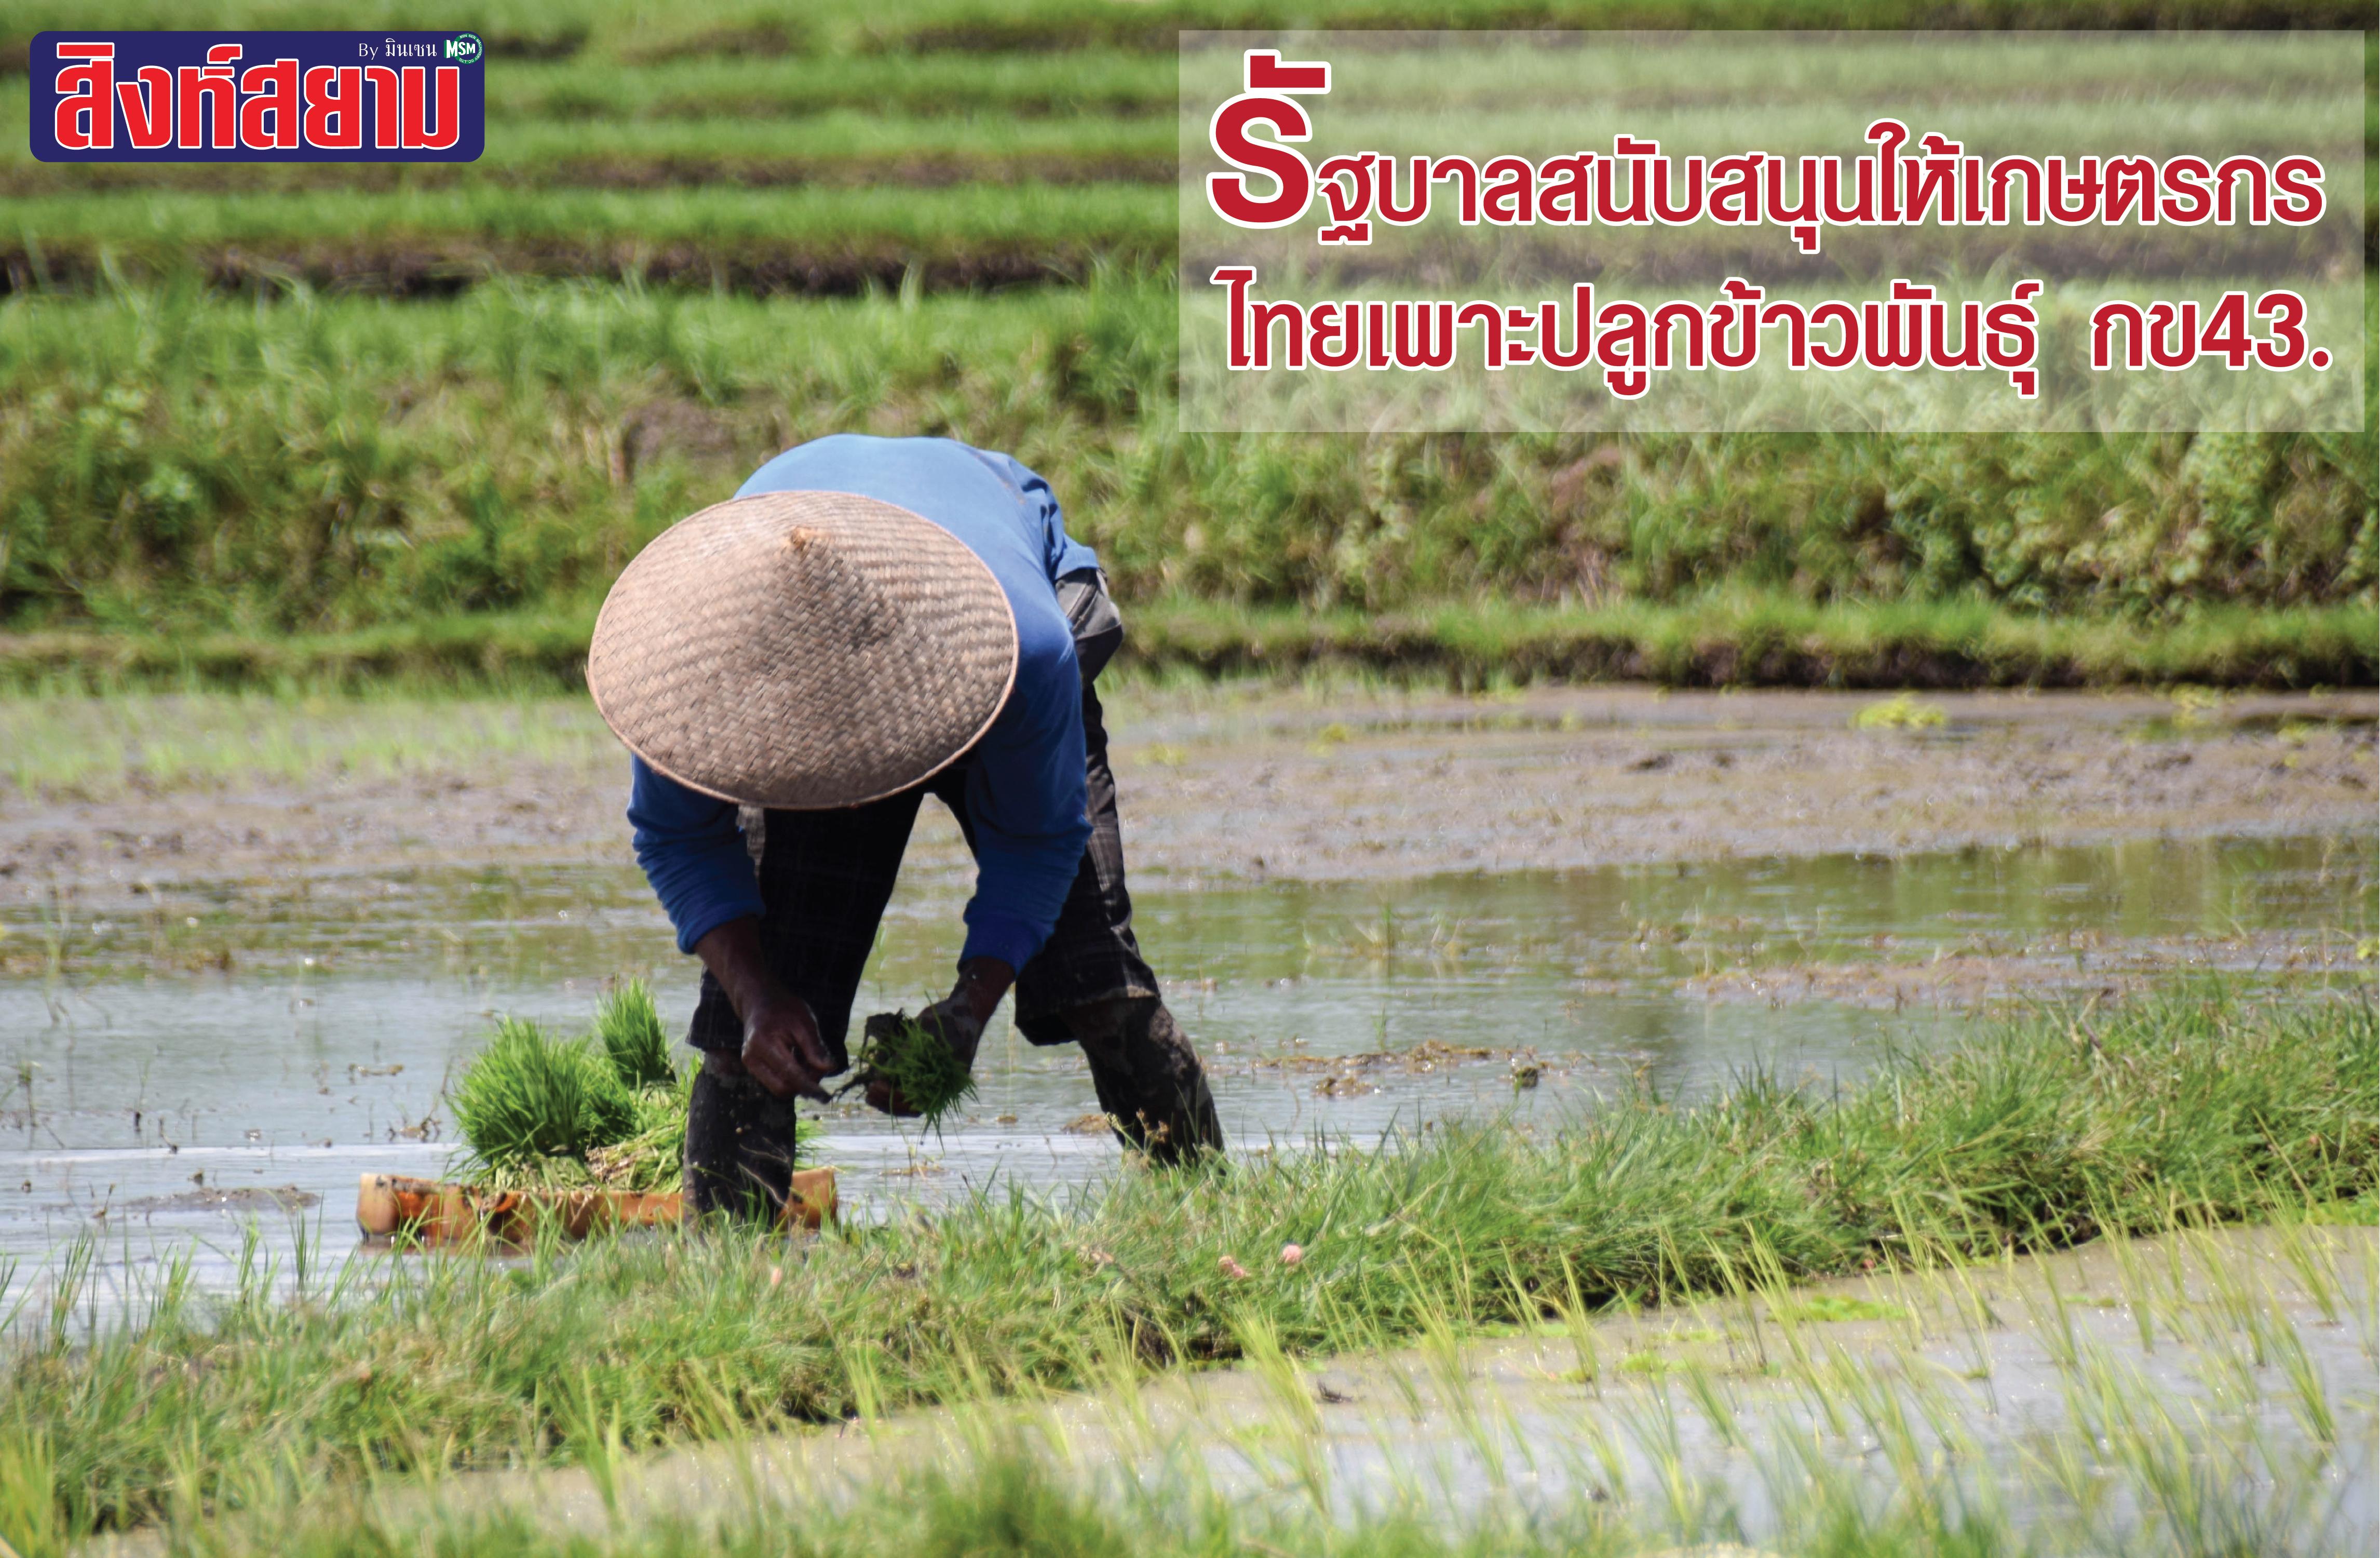 รัฐบาลไทยหนุนเกษตรกรปลูกข้าวพันธุ์กข43